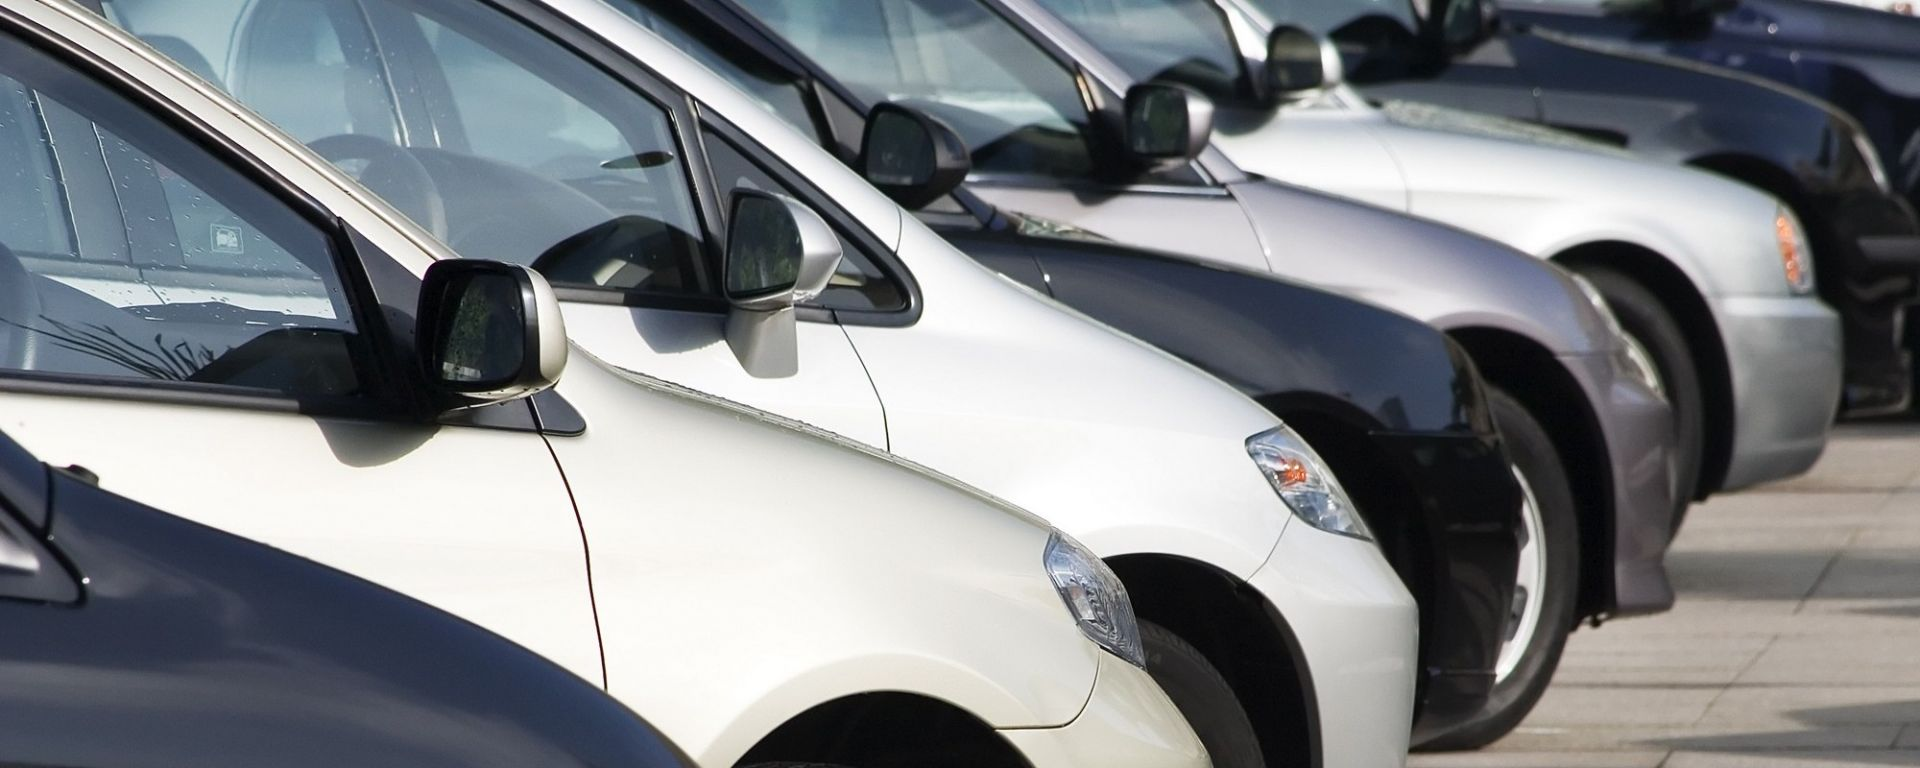 Ecotassa 2019, rischio effetto boomerang sul mercato auto